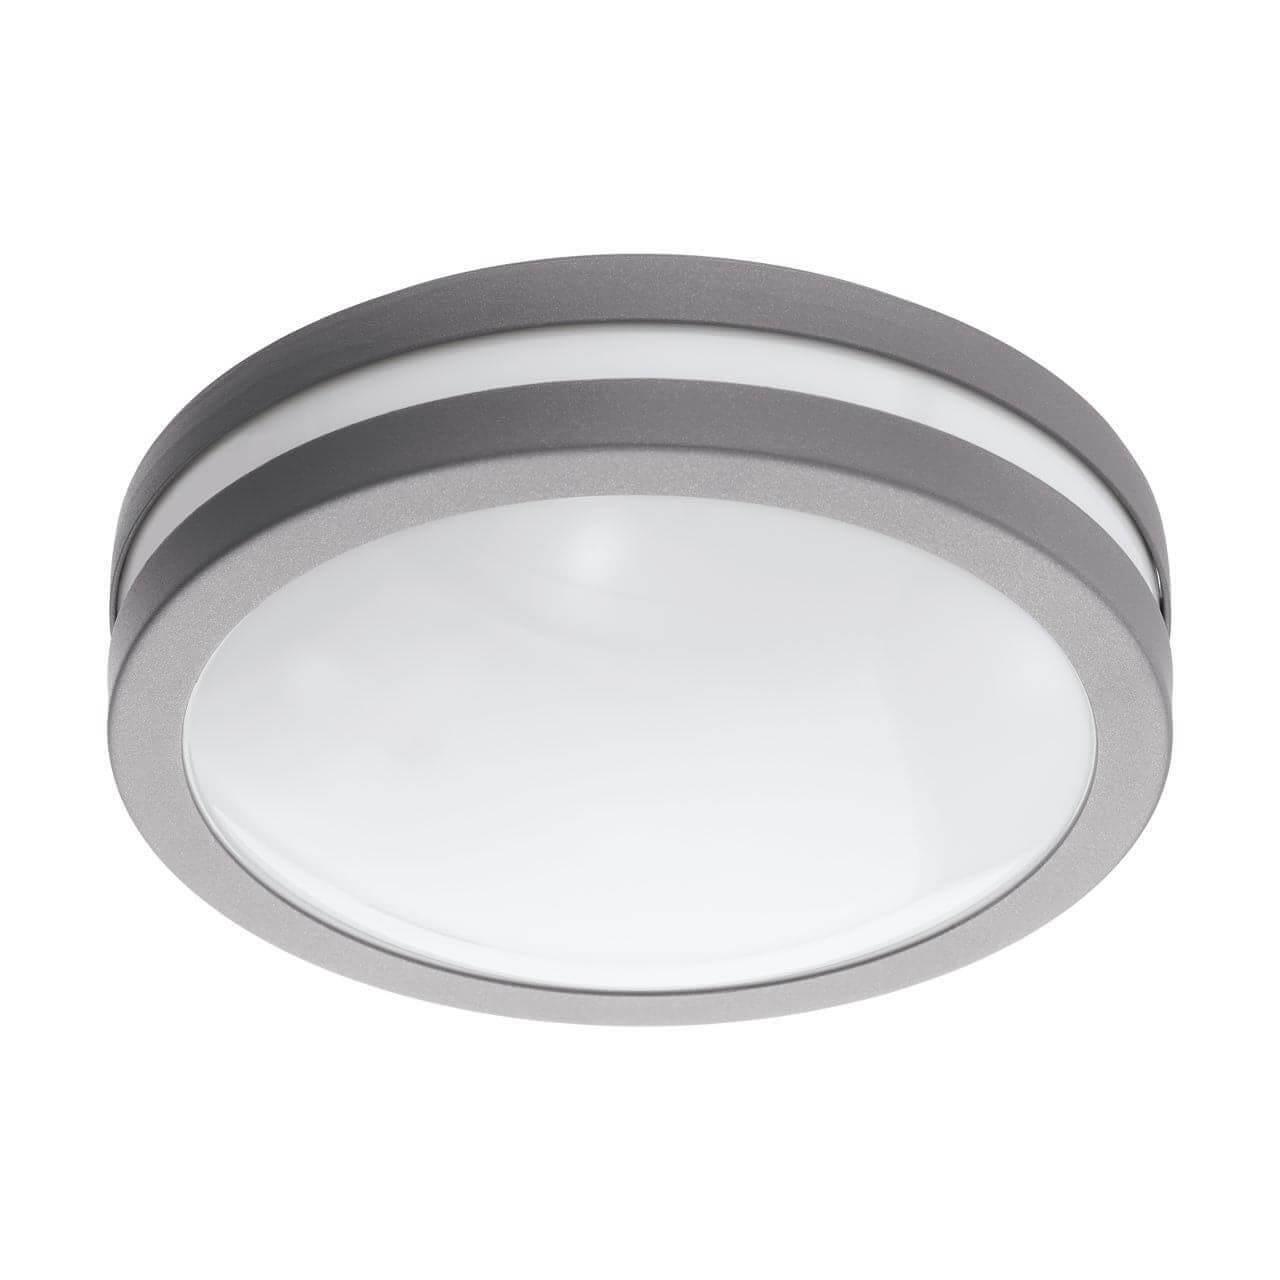 Светильник Eglo 97299 Locana-C (Умный дом) светильник eglo 97237 locana c умный дом